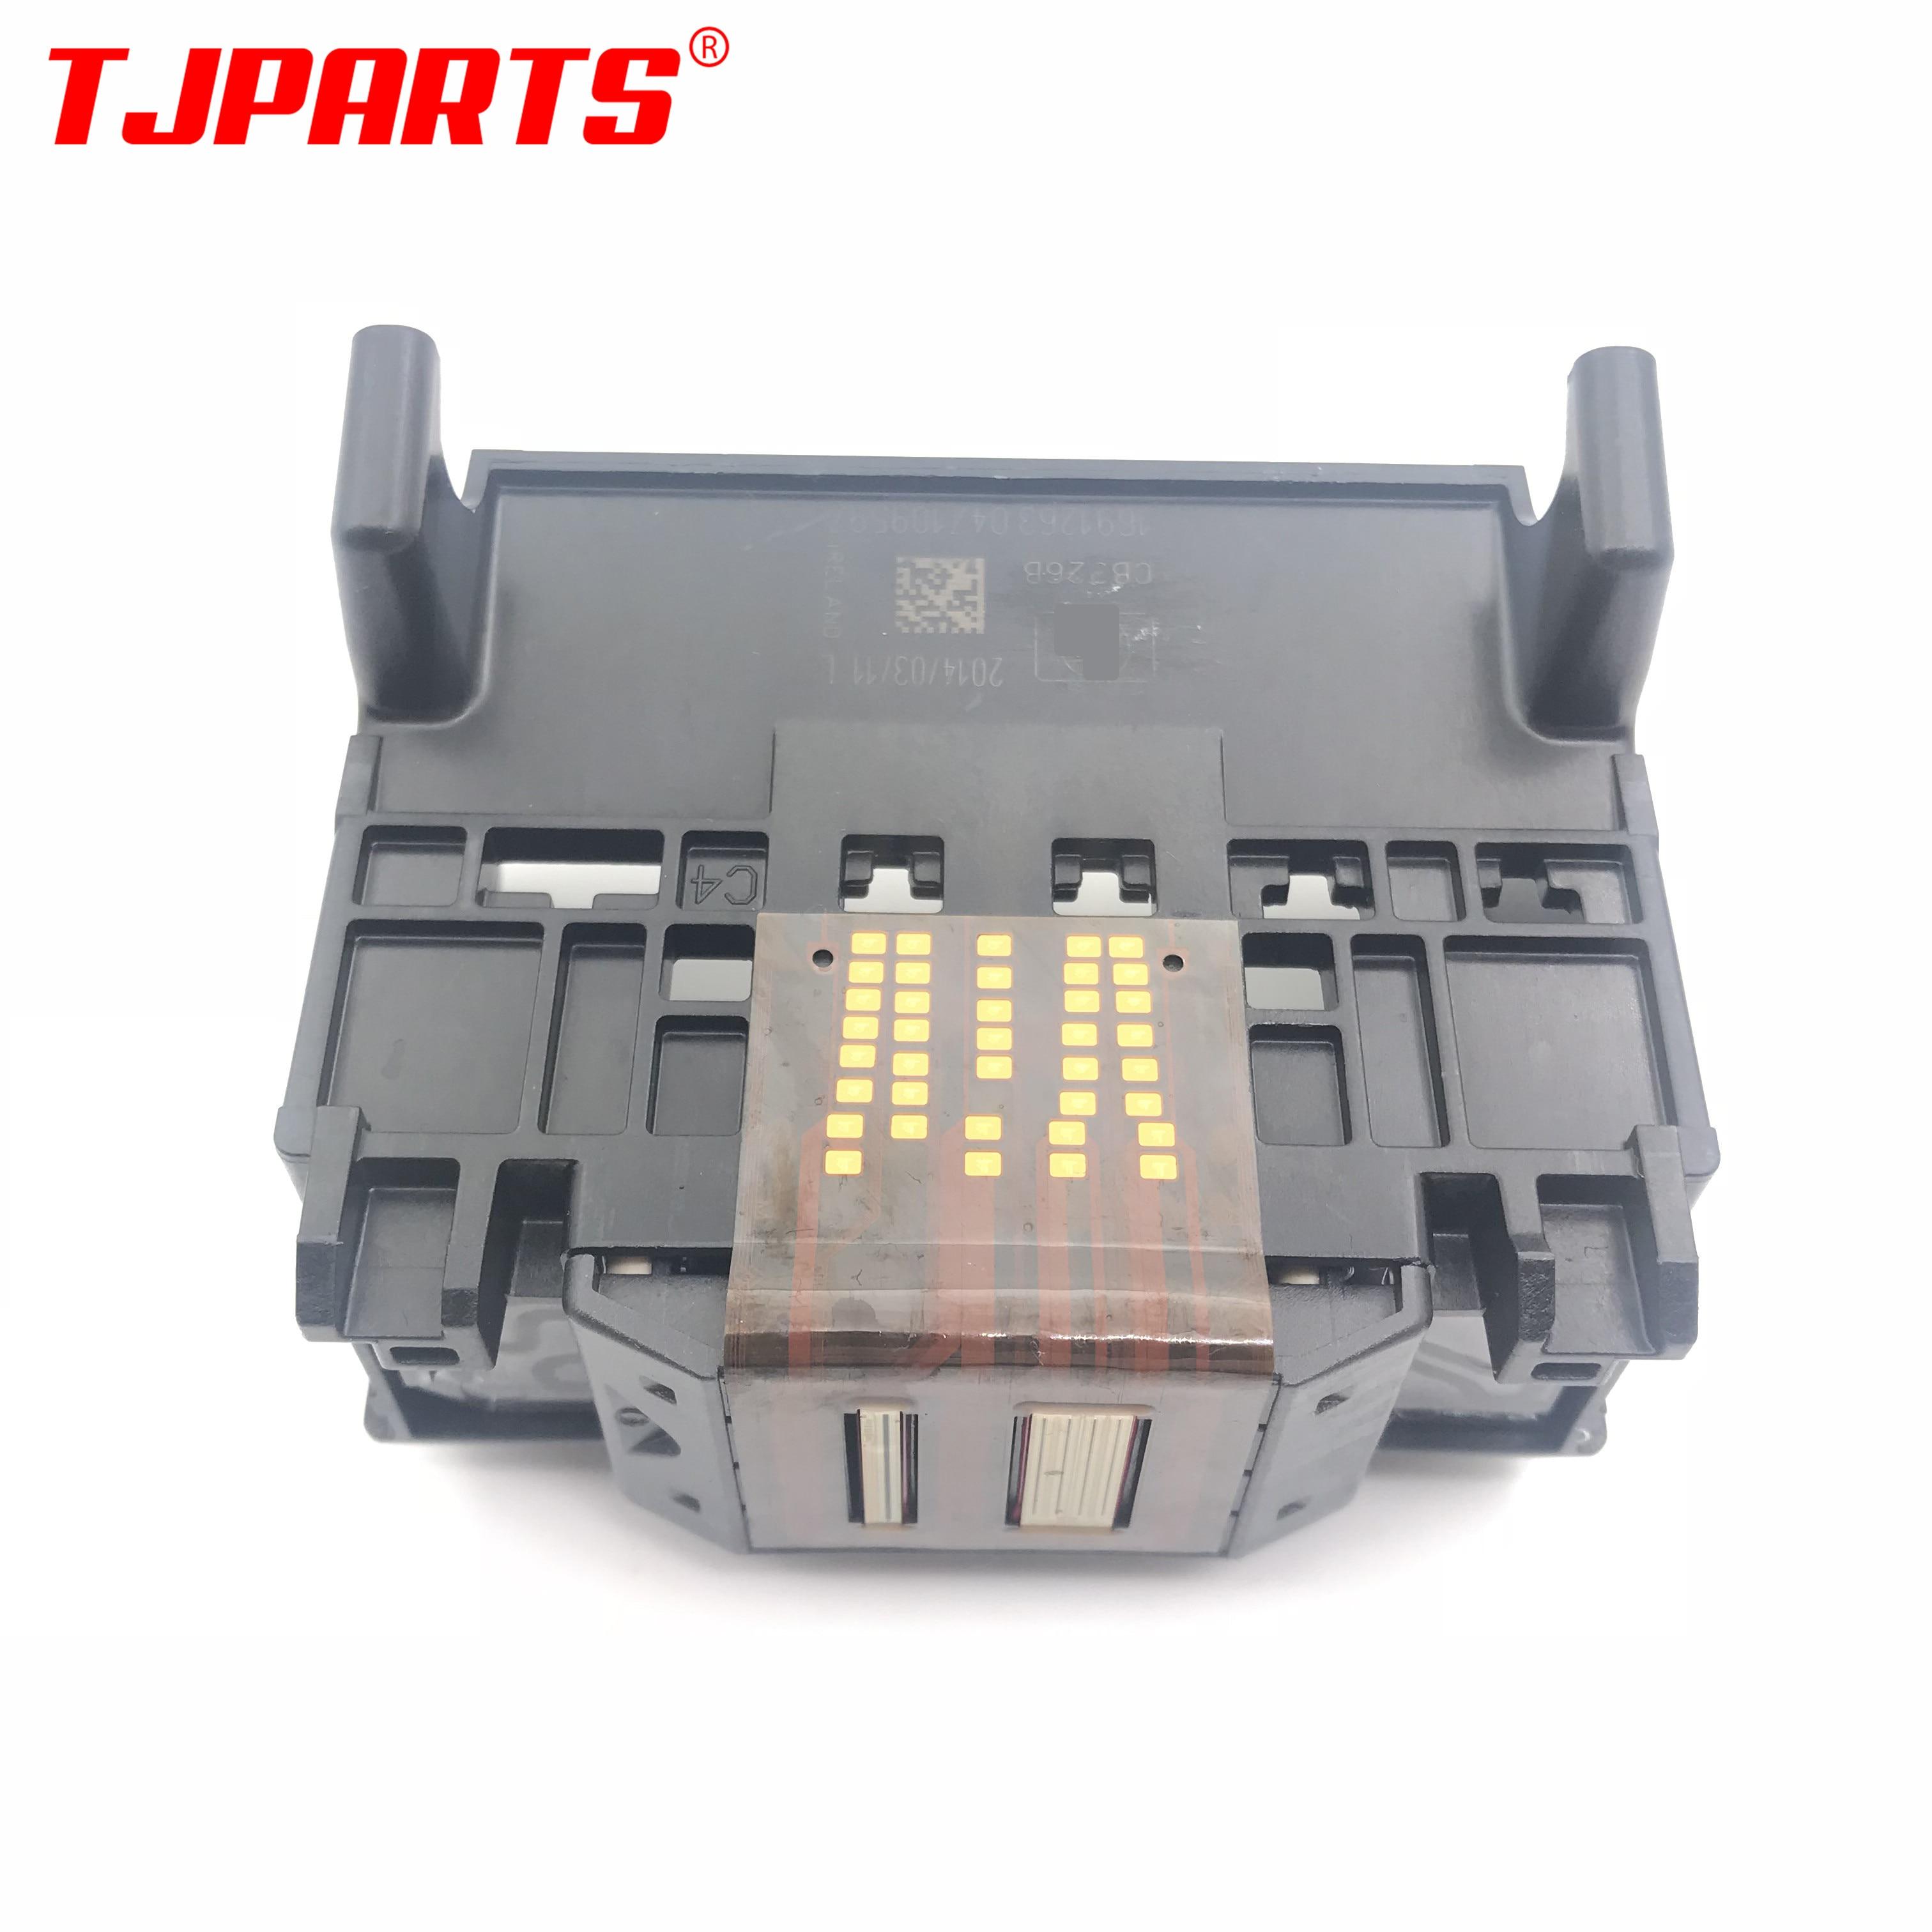 CB326-30002 CN642A 564 564XL 5-Ranura de cabezal de impresión de la cabeza para HP 7510 7515 D5460 D7560 B8550 C5370 C5380 C6300 C6380 D5400 D7560